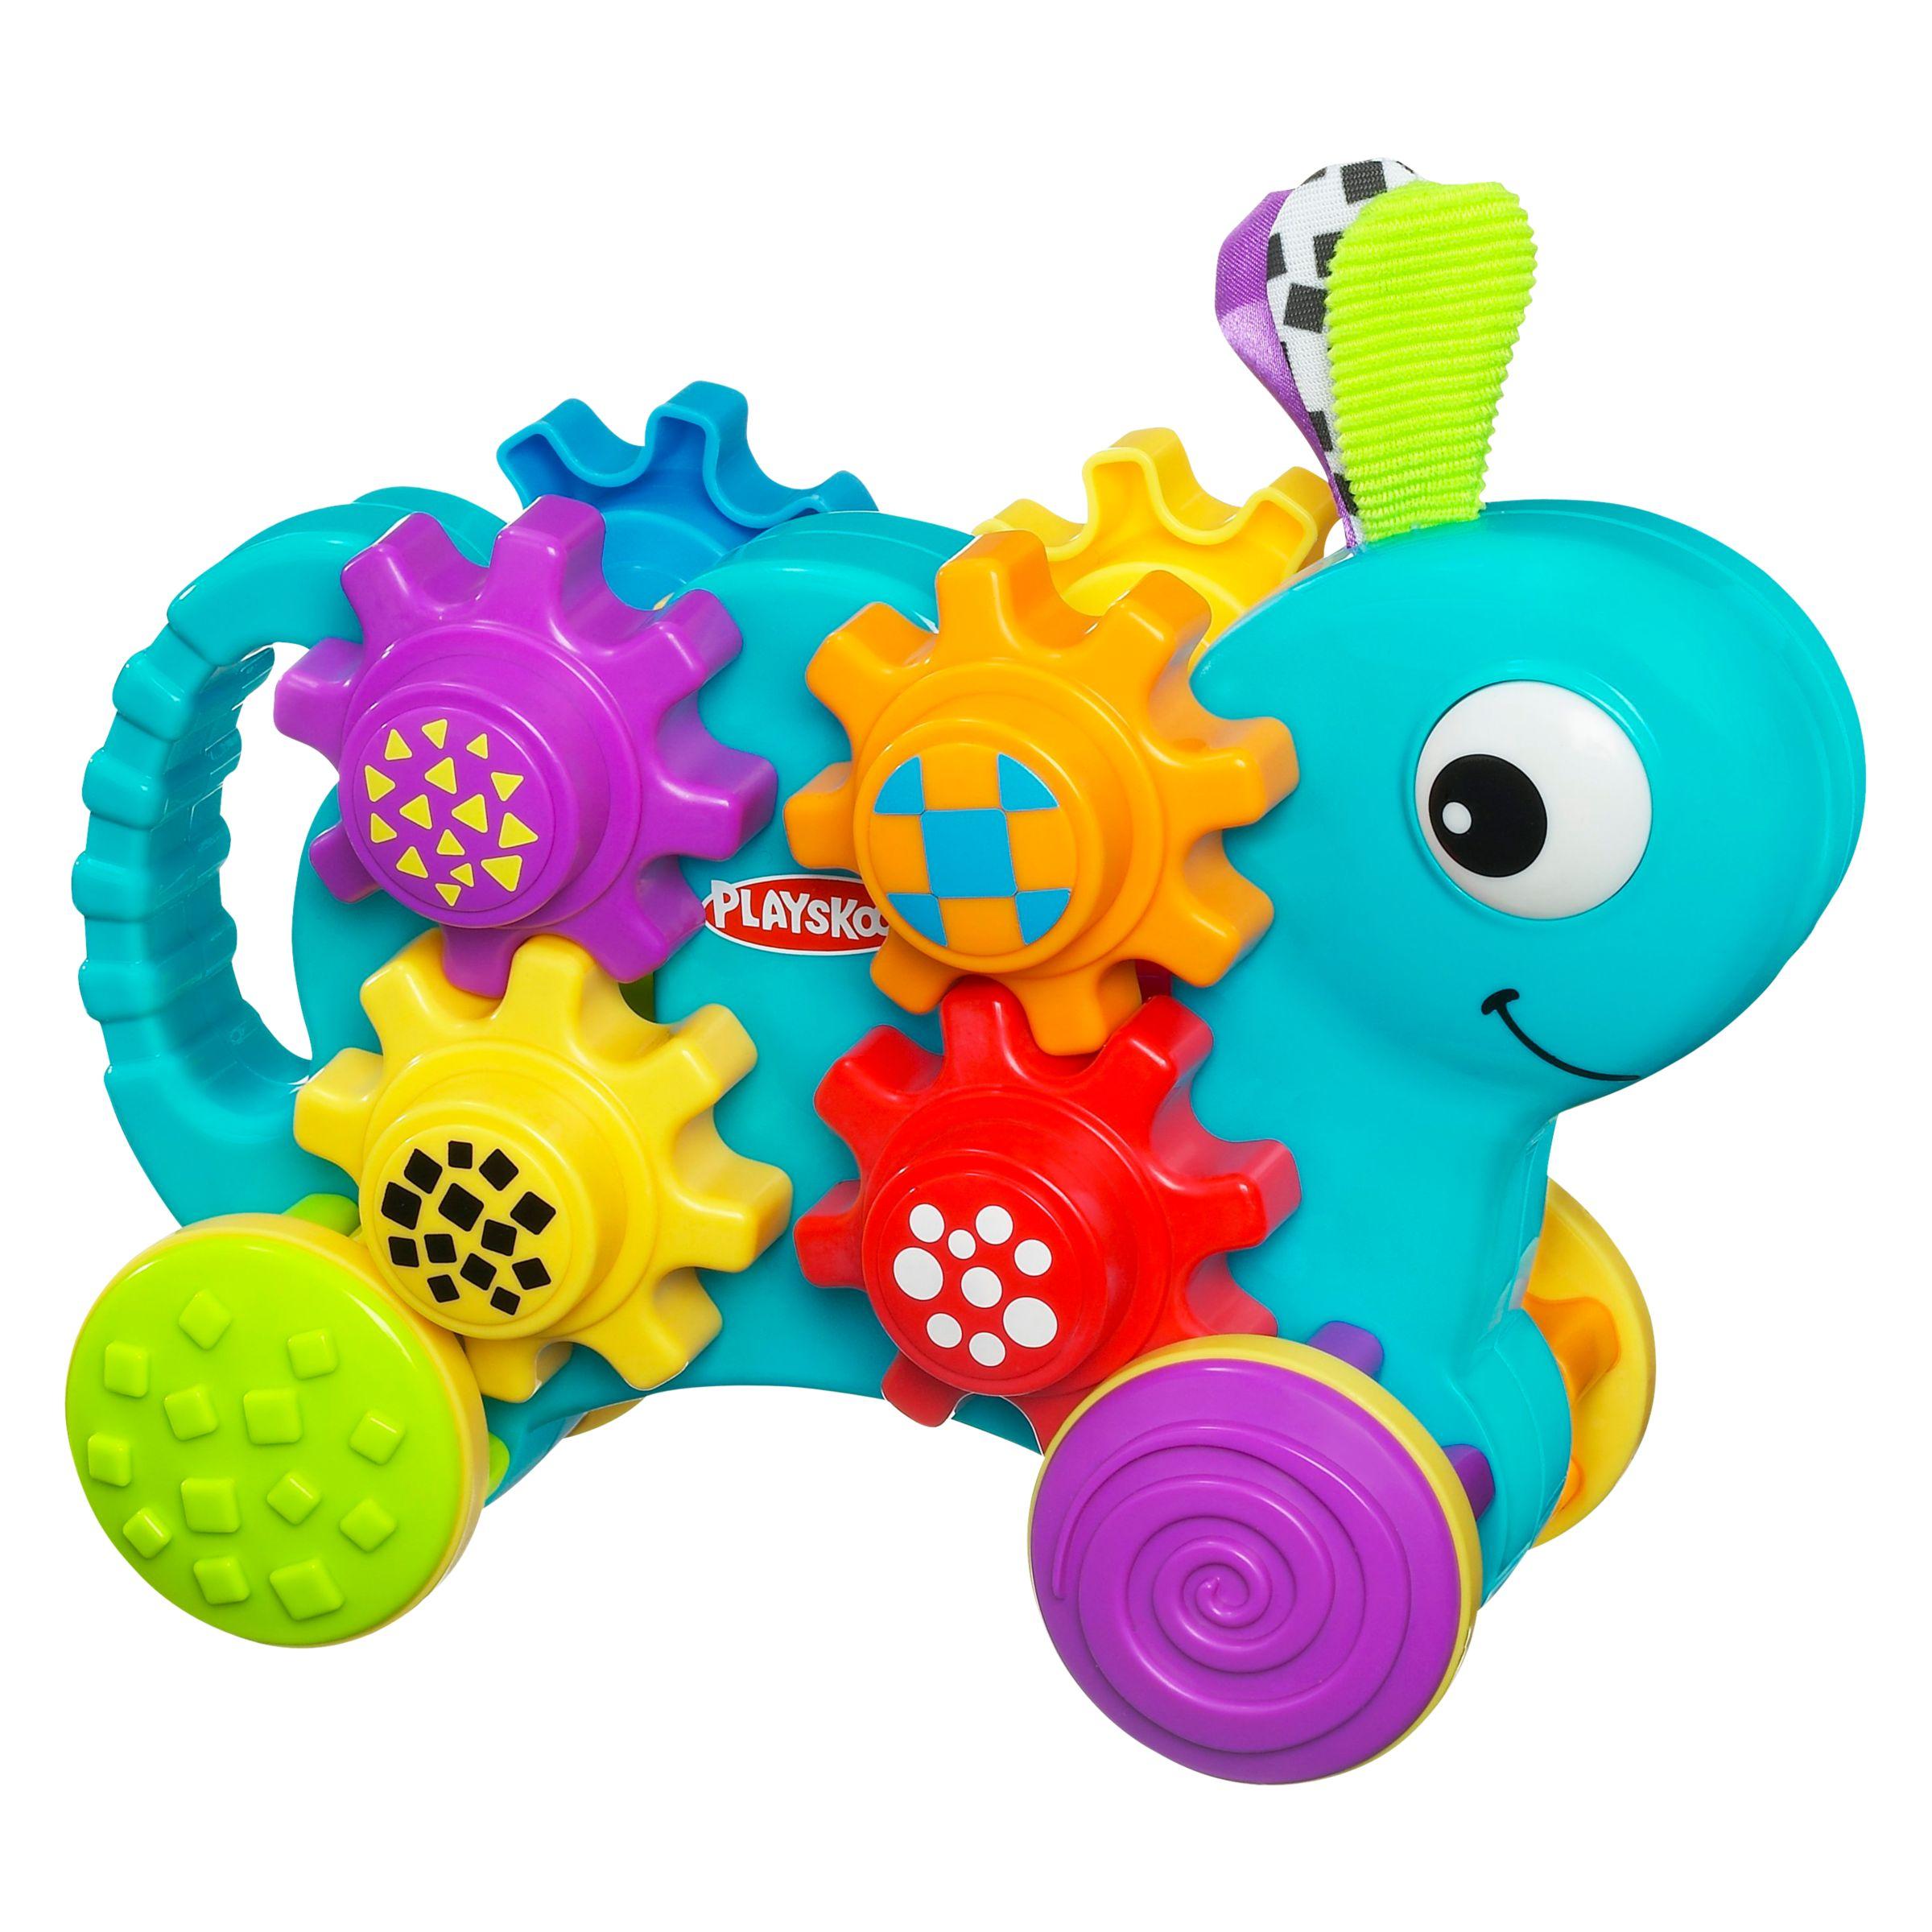 Playskool Explore N Grow Push N Stack Gears